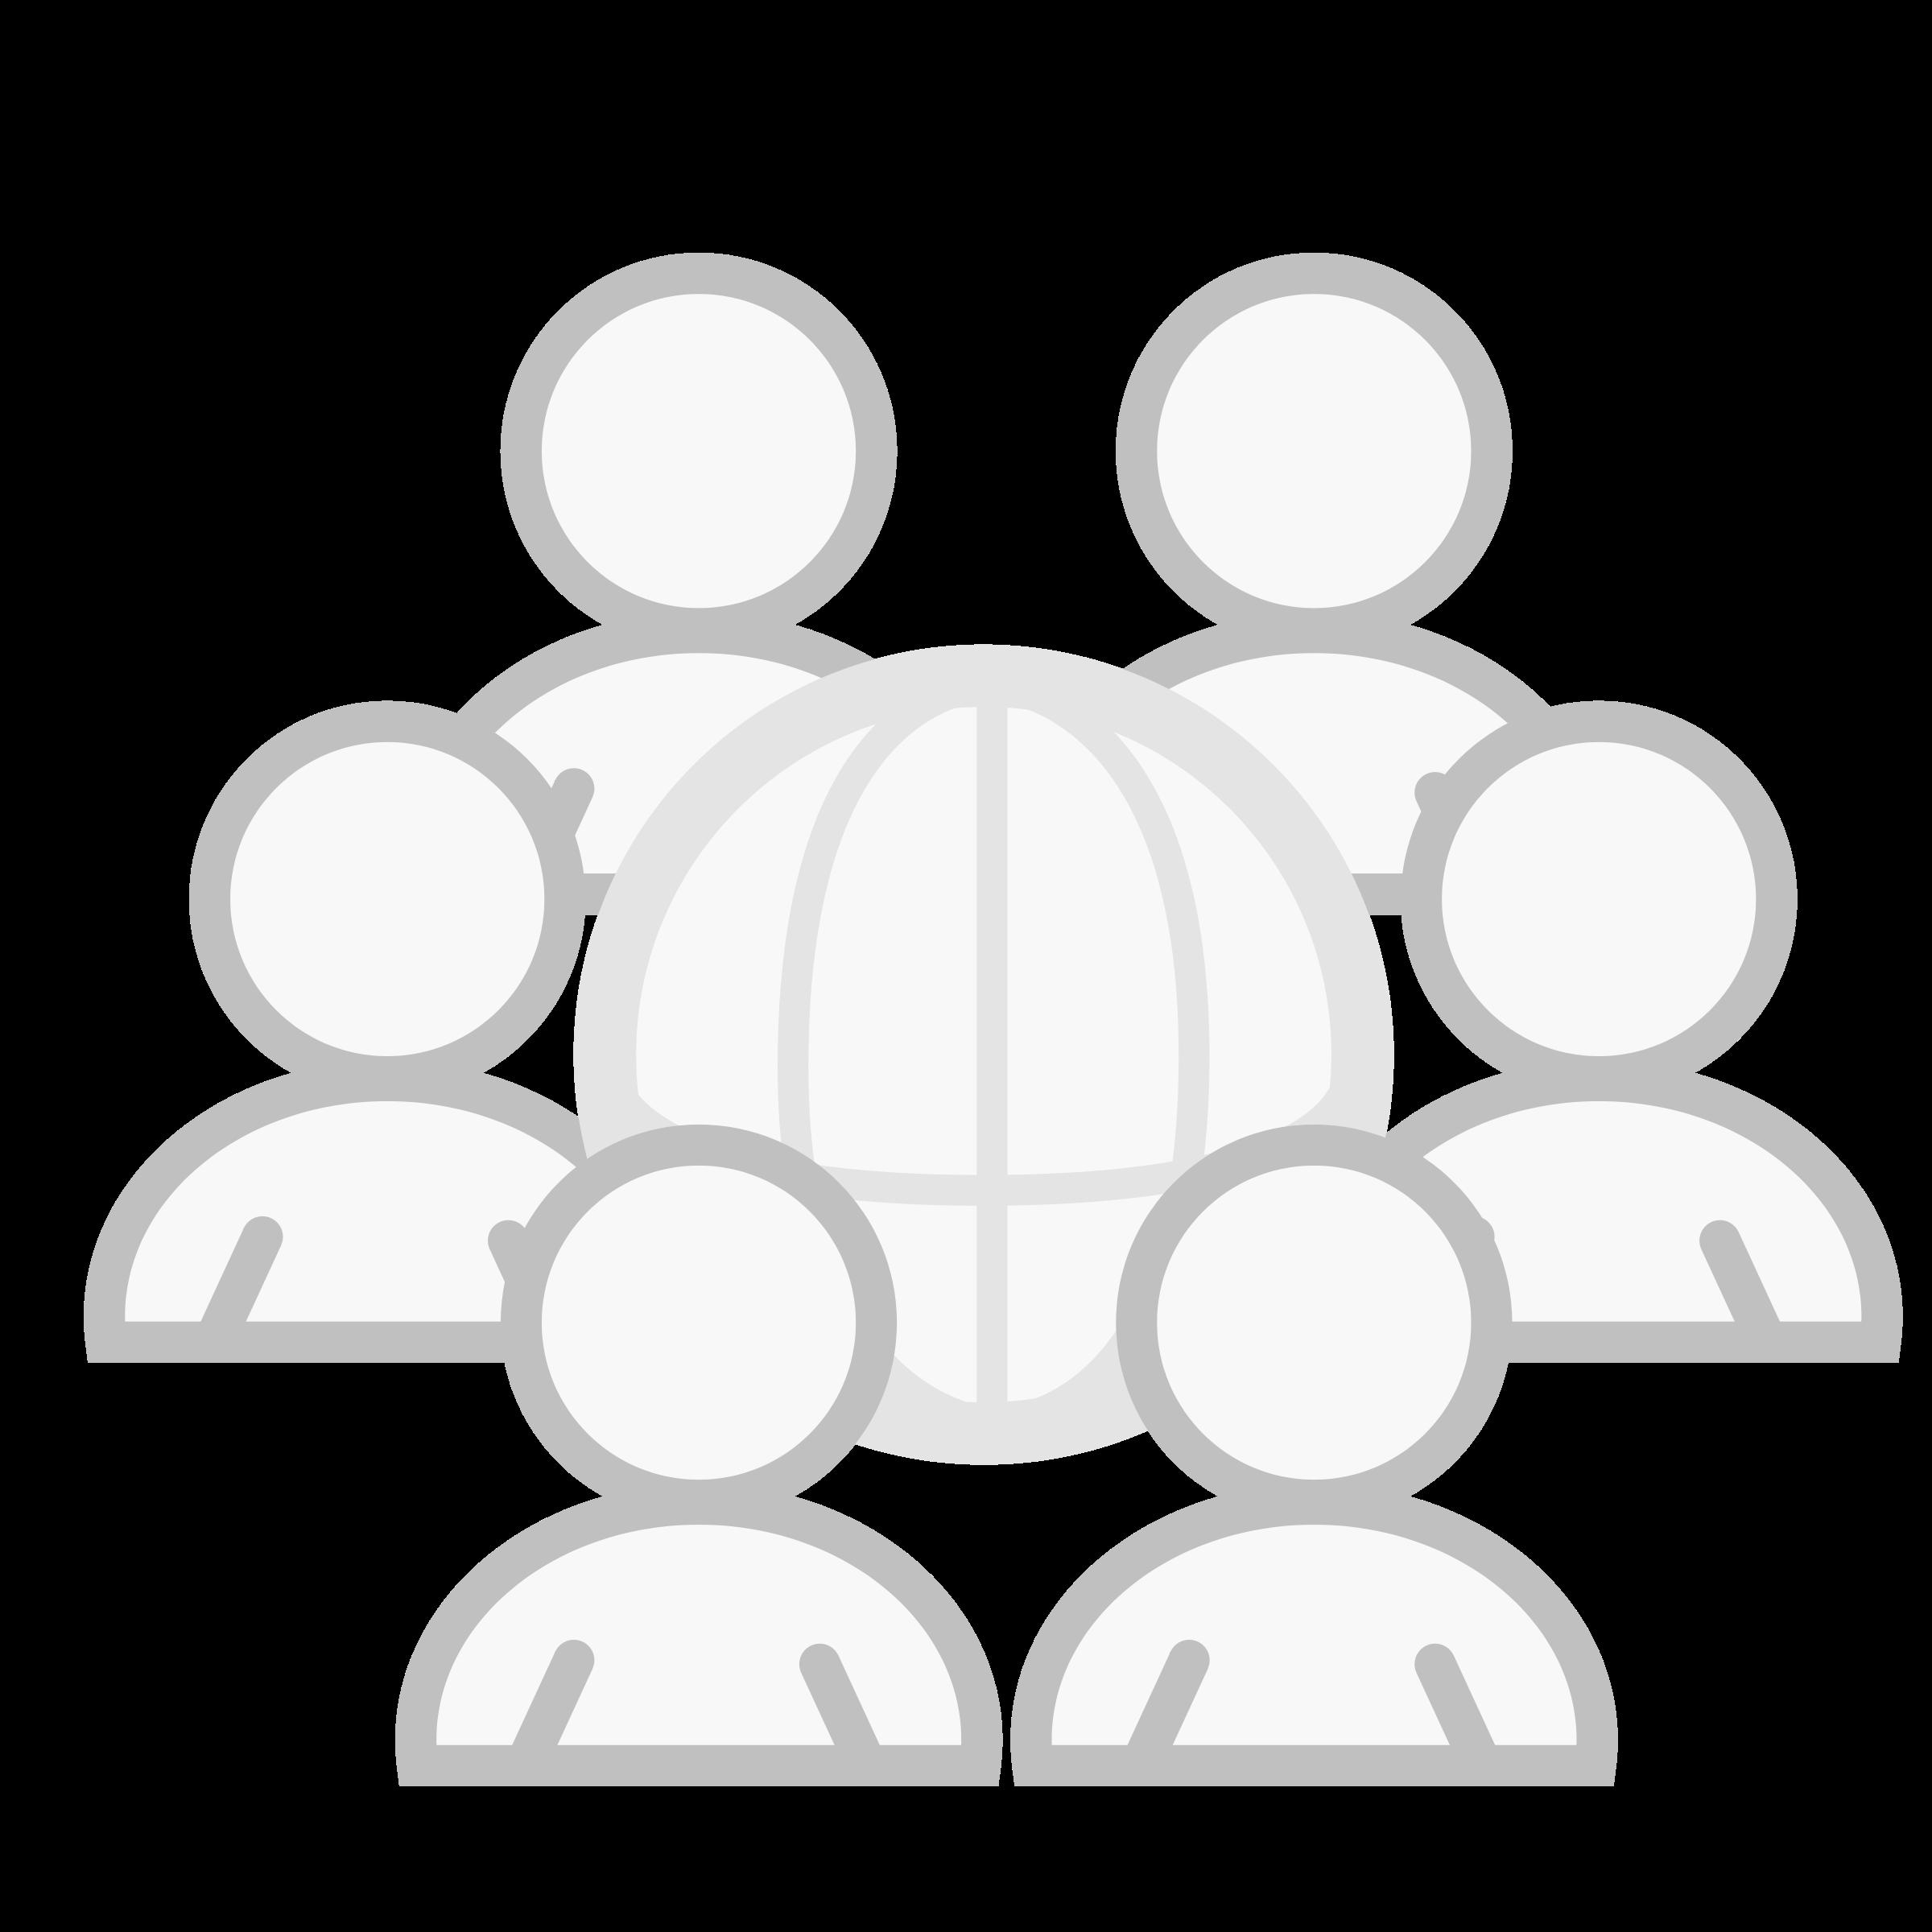 individuals gathered around globe representing community